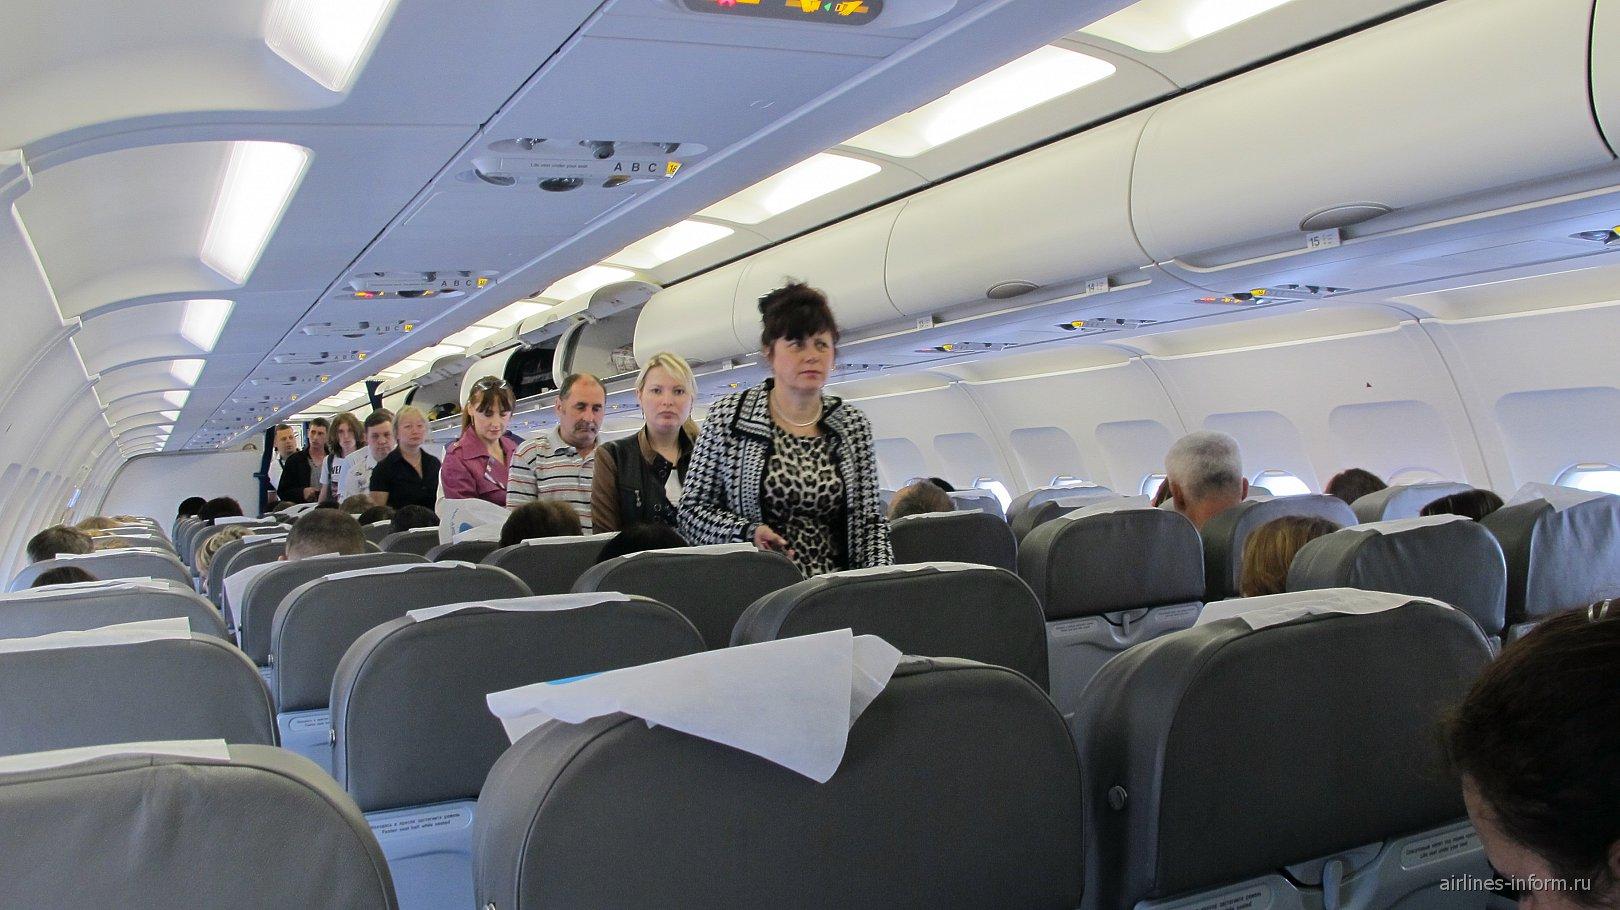 Салона экономического класса в самолета Airbus A320 Уральских авиалиний